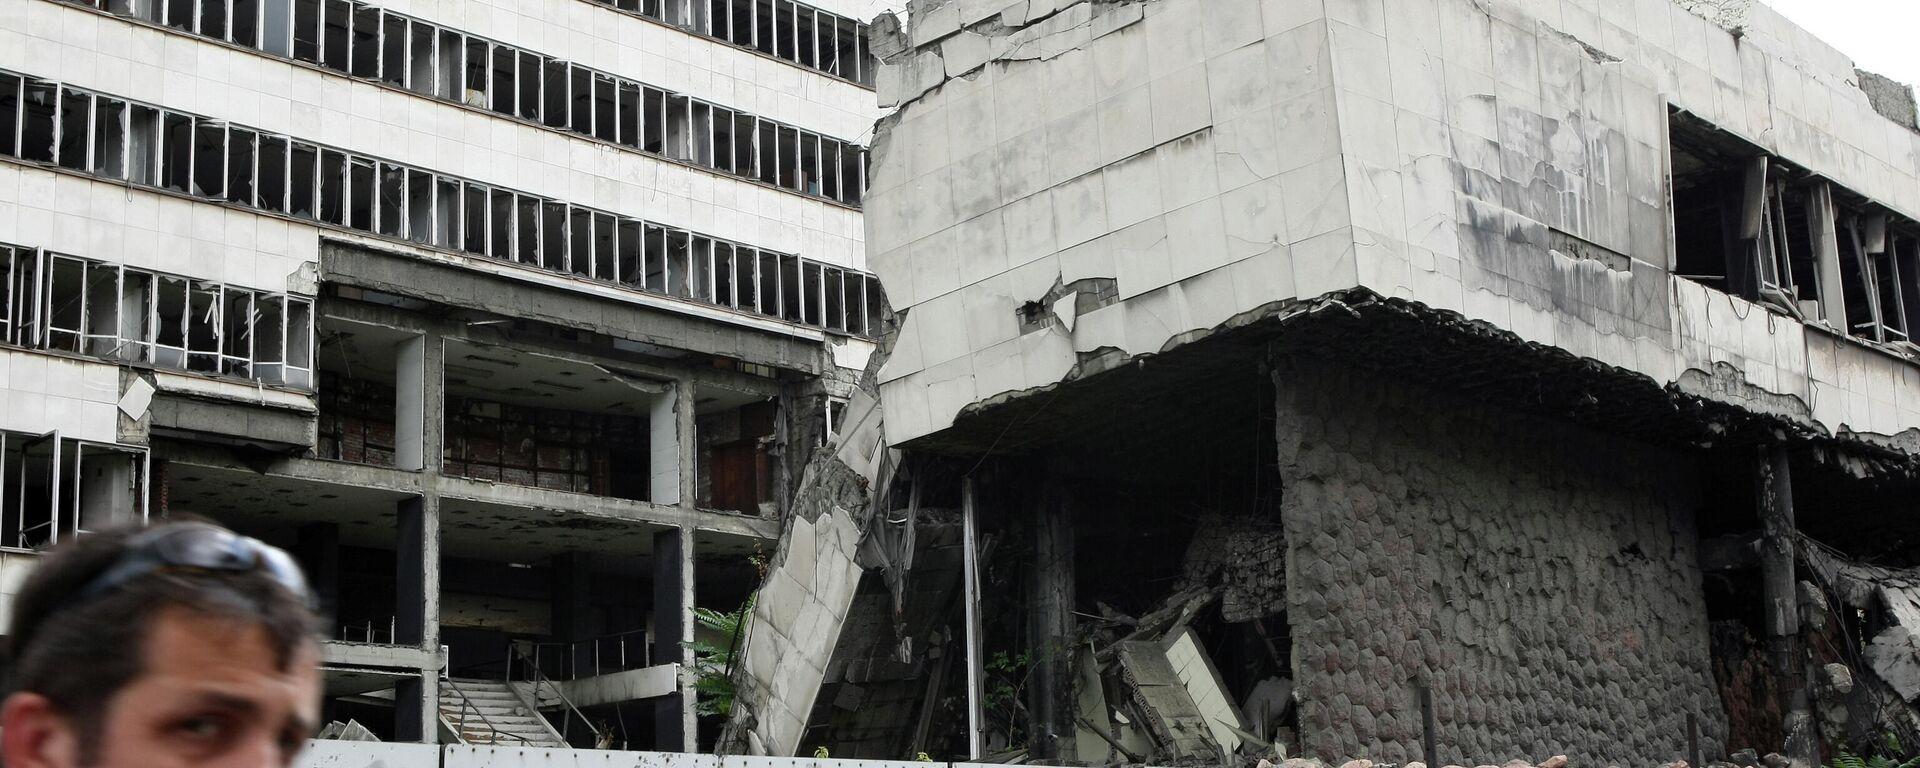 Ein bei den Nato-Bombenangriffen zerstörtes  Gebäude in der  serbischen Hauptstadt Belgrad  - SNA, 1920, 08.04.2021